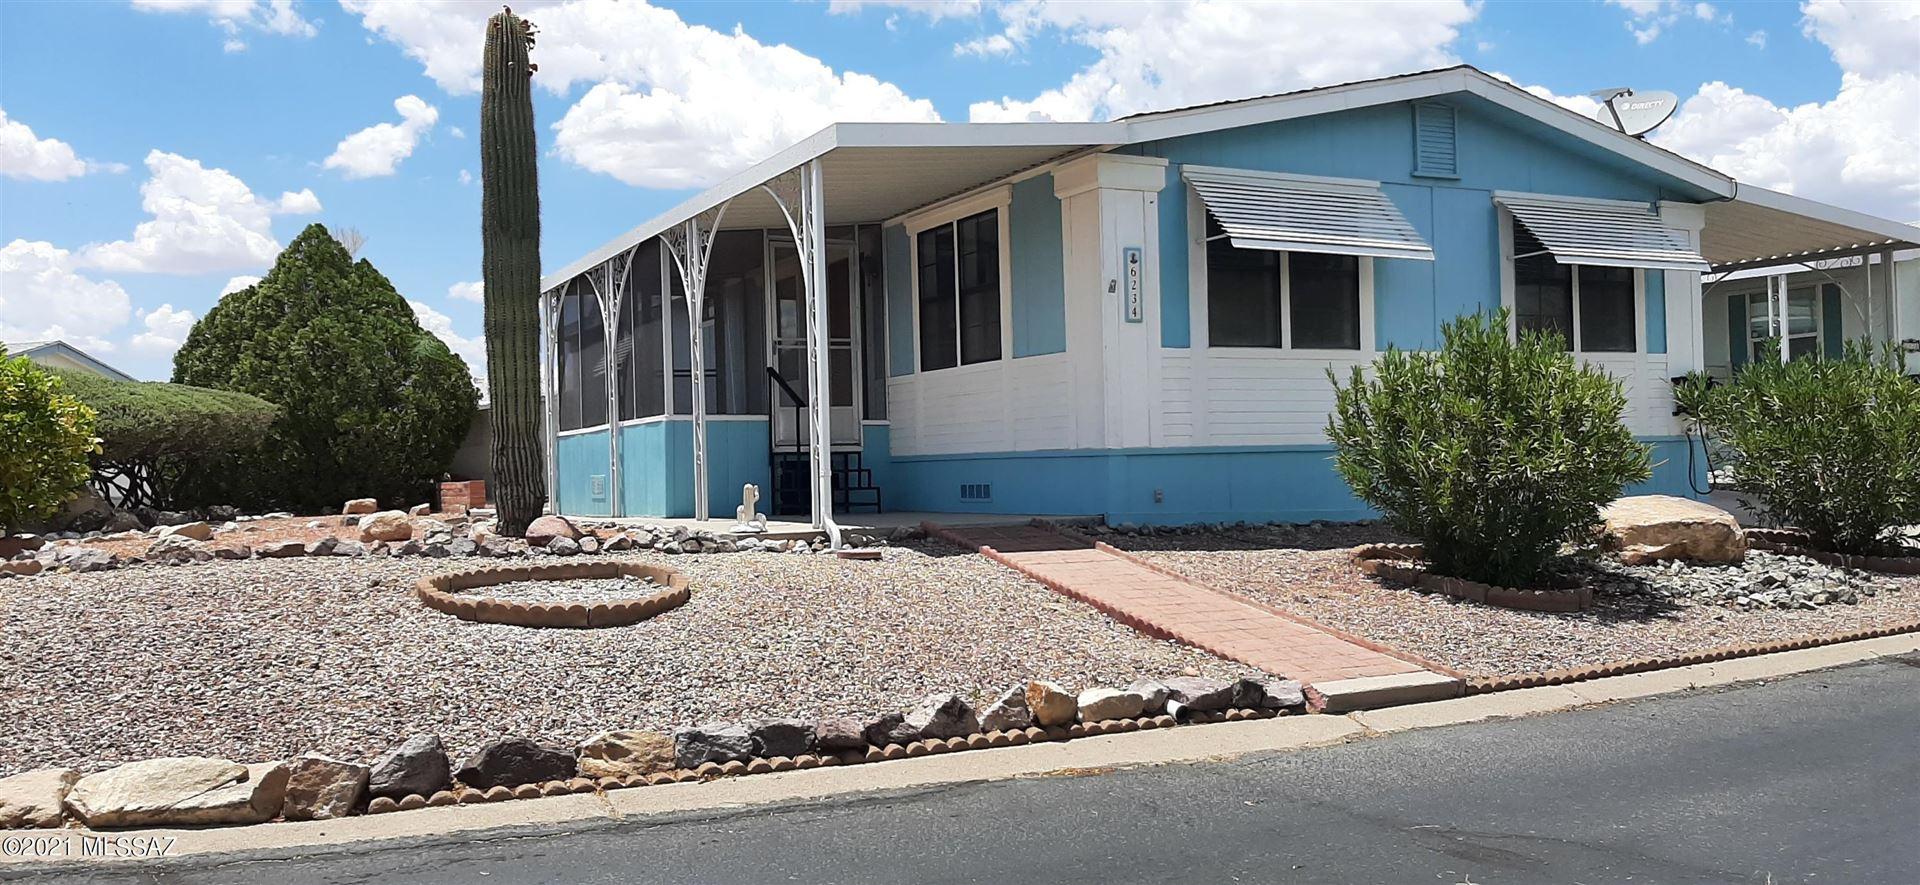 6234 S Foxhunt Drive, Tucson, AZ 85746 - MLS#: 22117051